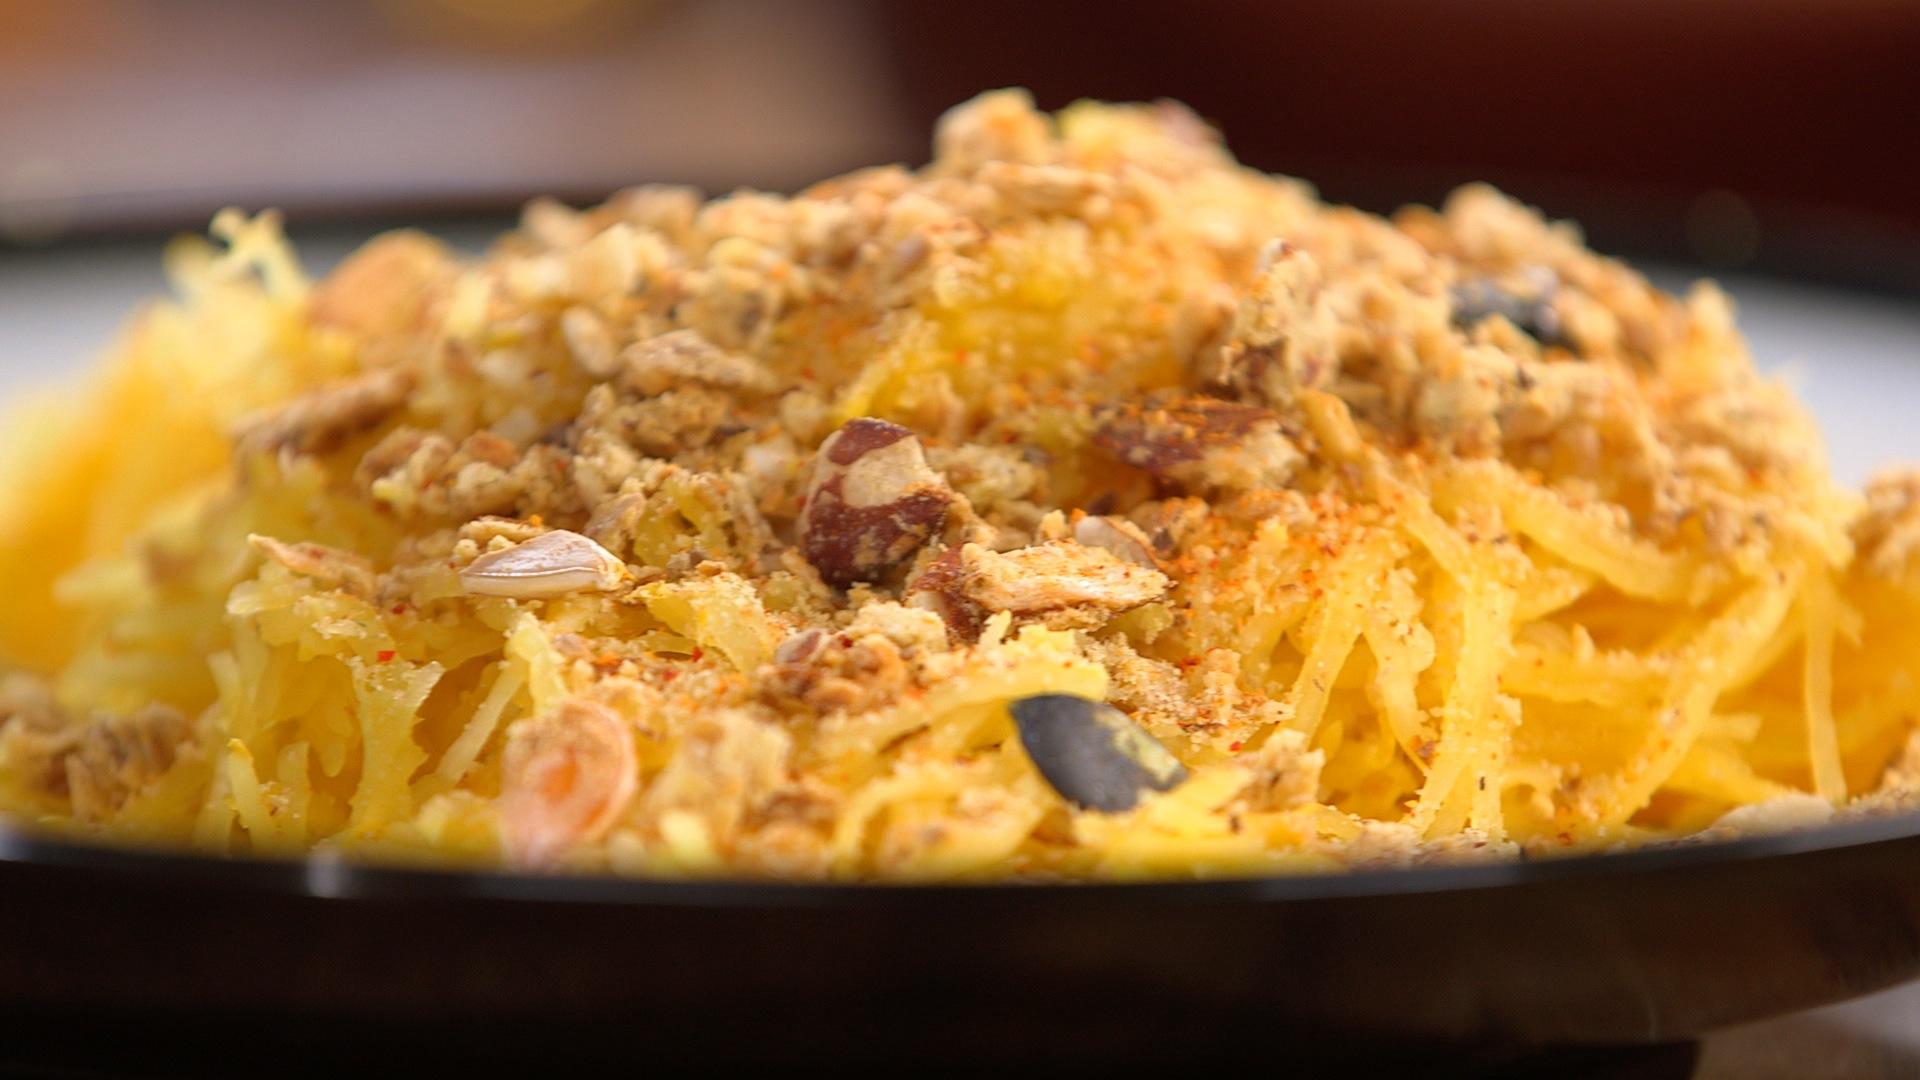 Ma recette de crumble de courge spaghetti laurent mariotte - Tf1 recettes cuisine laurent mariotte ...